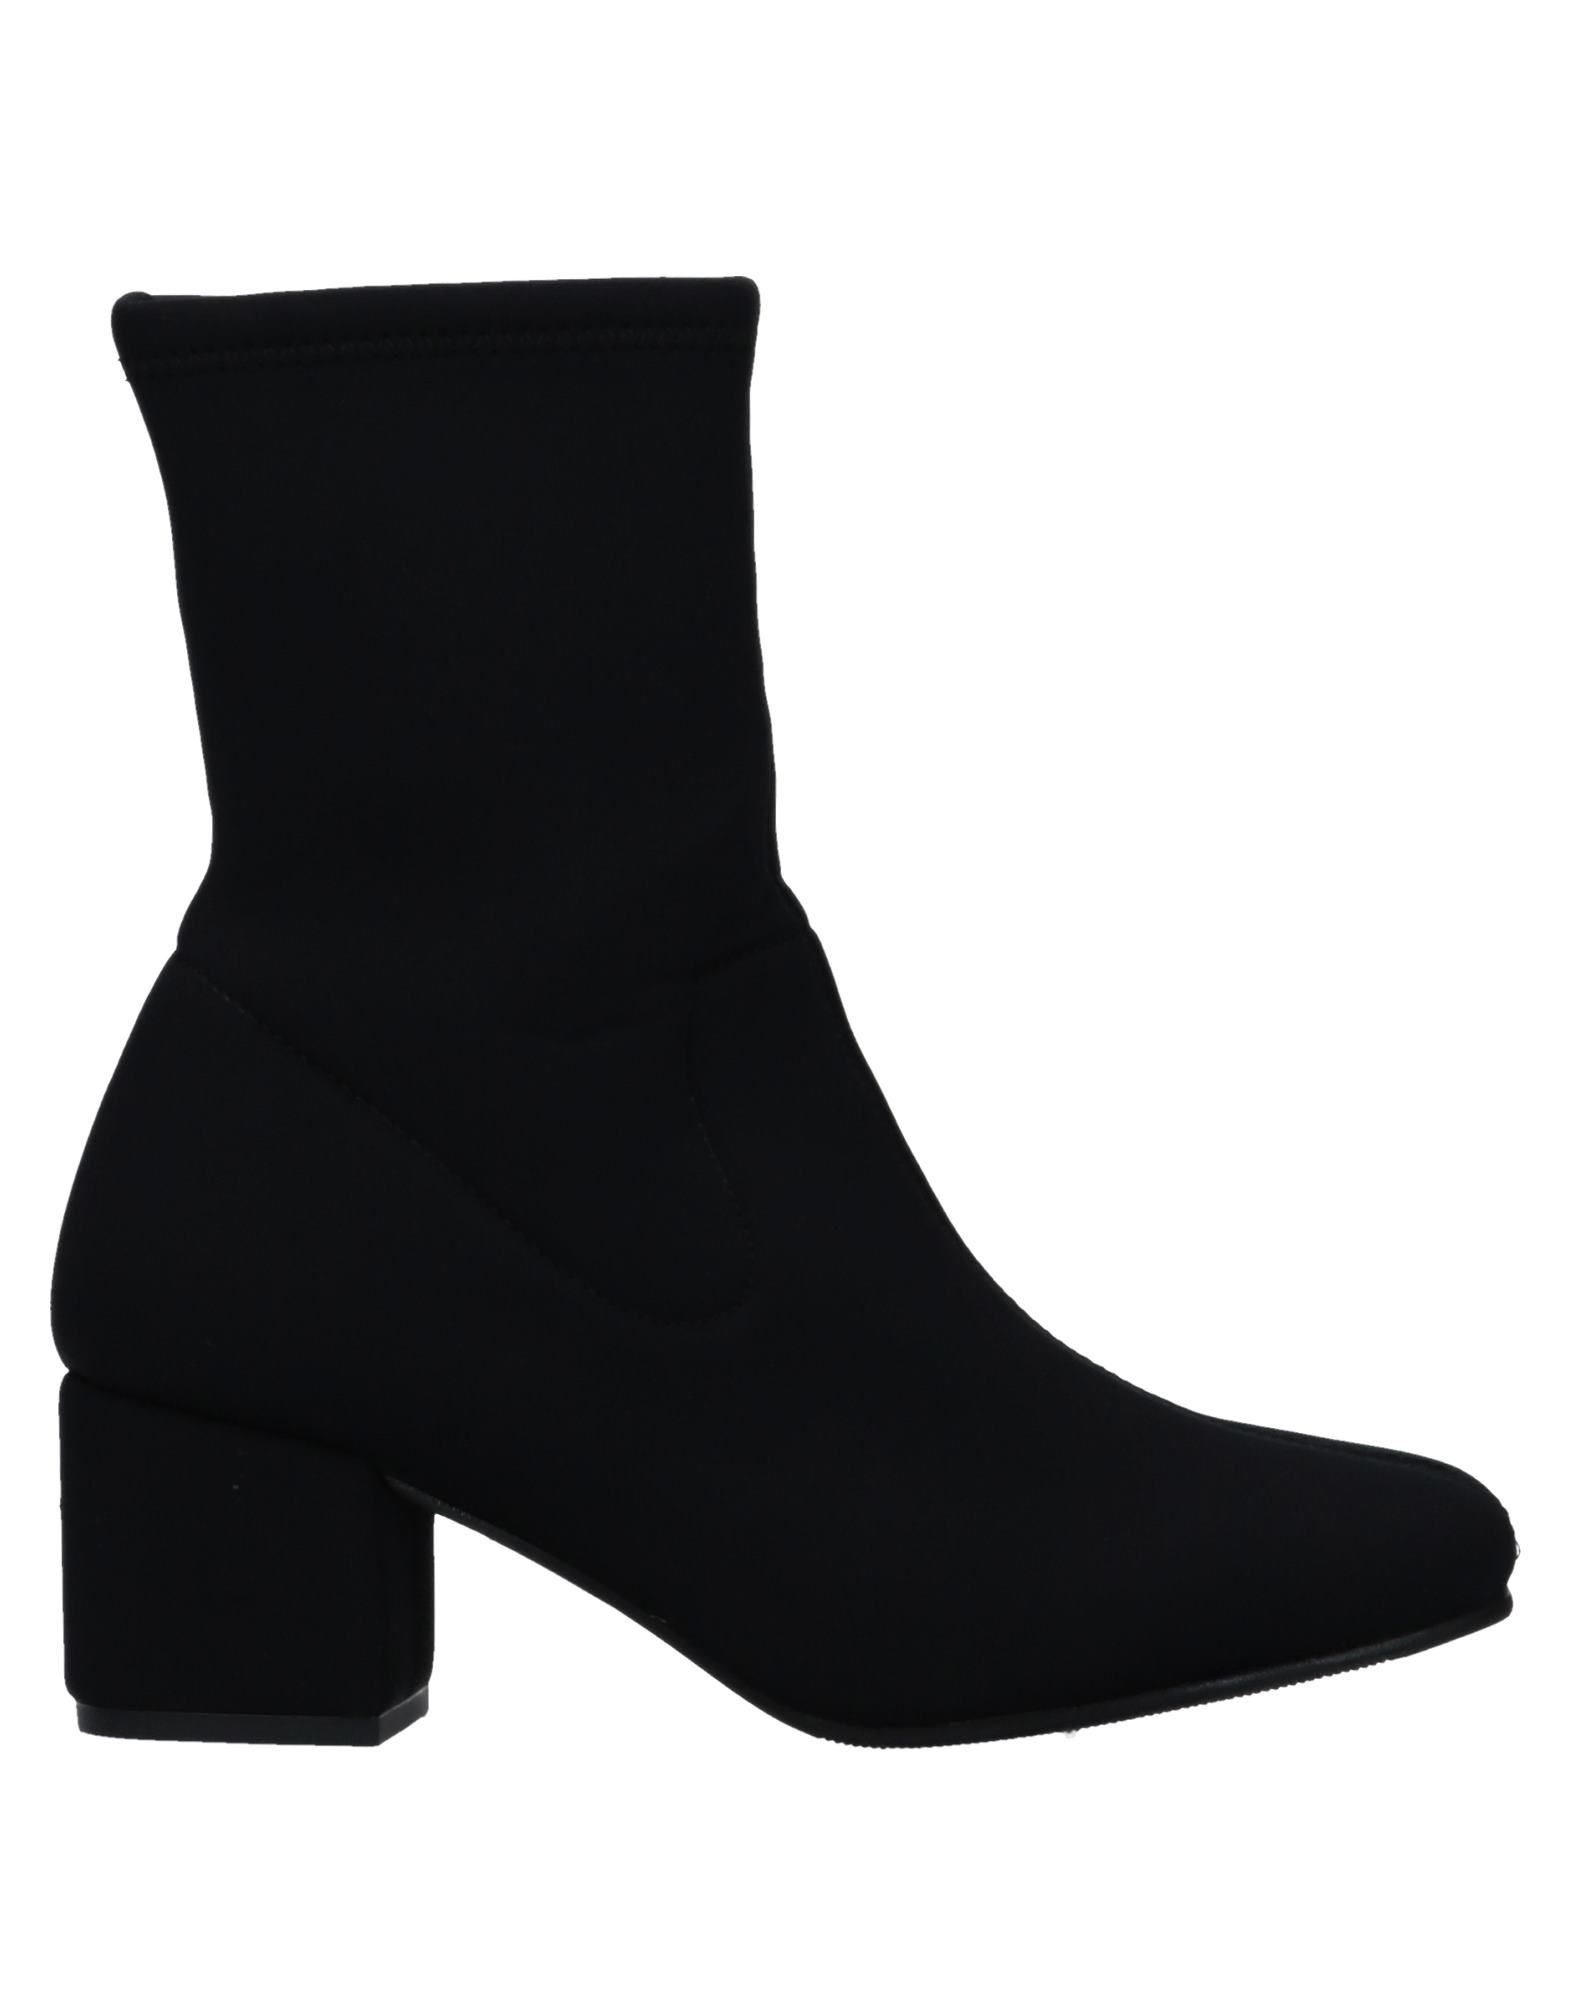 67 Sixtyseven Schuhe Stiefelette Damen  11541663EL Neue Schuhe Sixtyseven a91c56